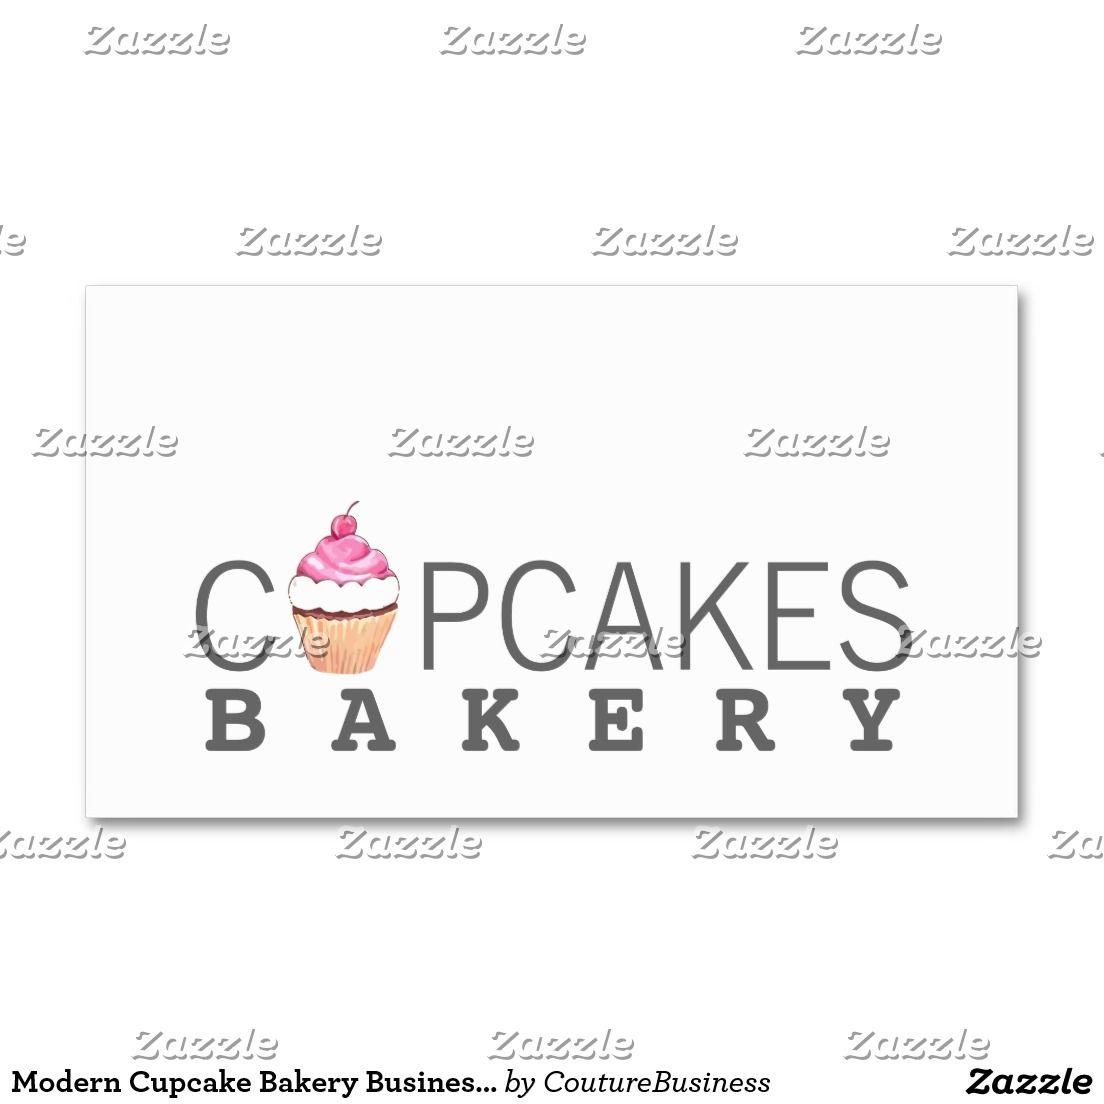 Modern Cupcake Bakery Business Card | Business Cards | Pinterest ...